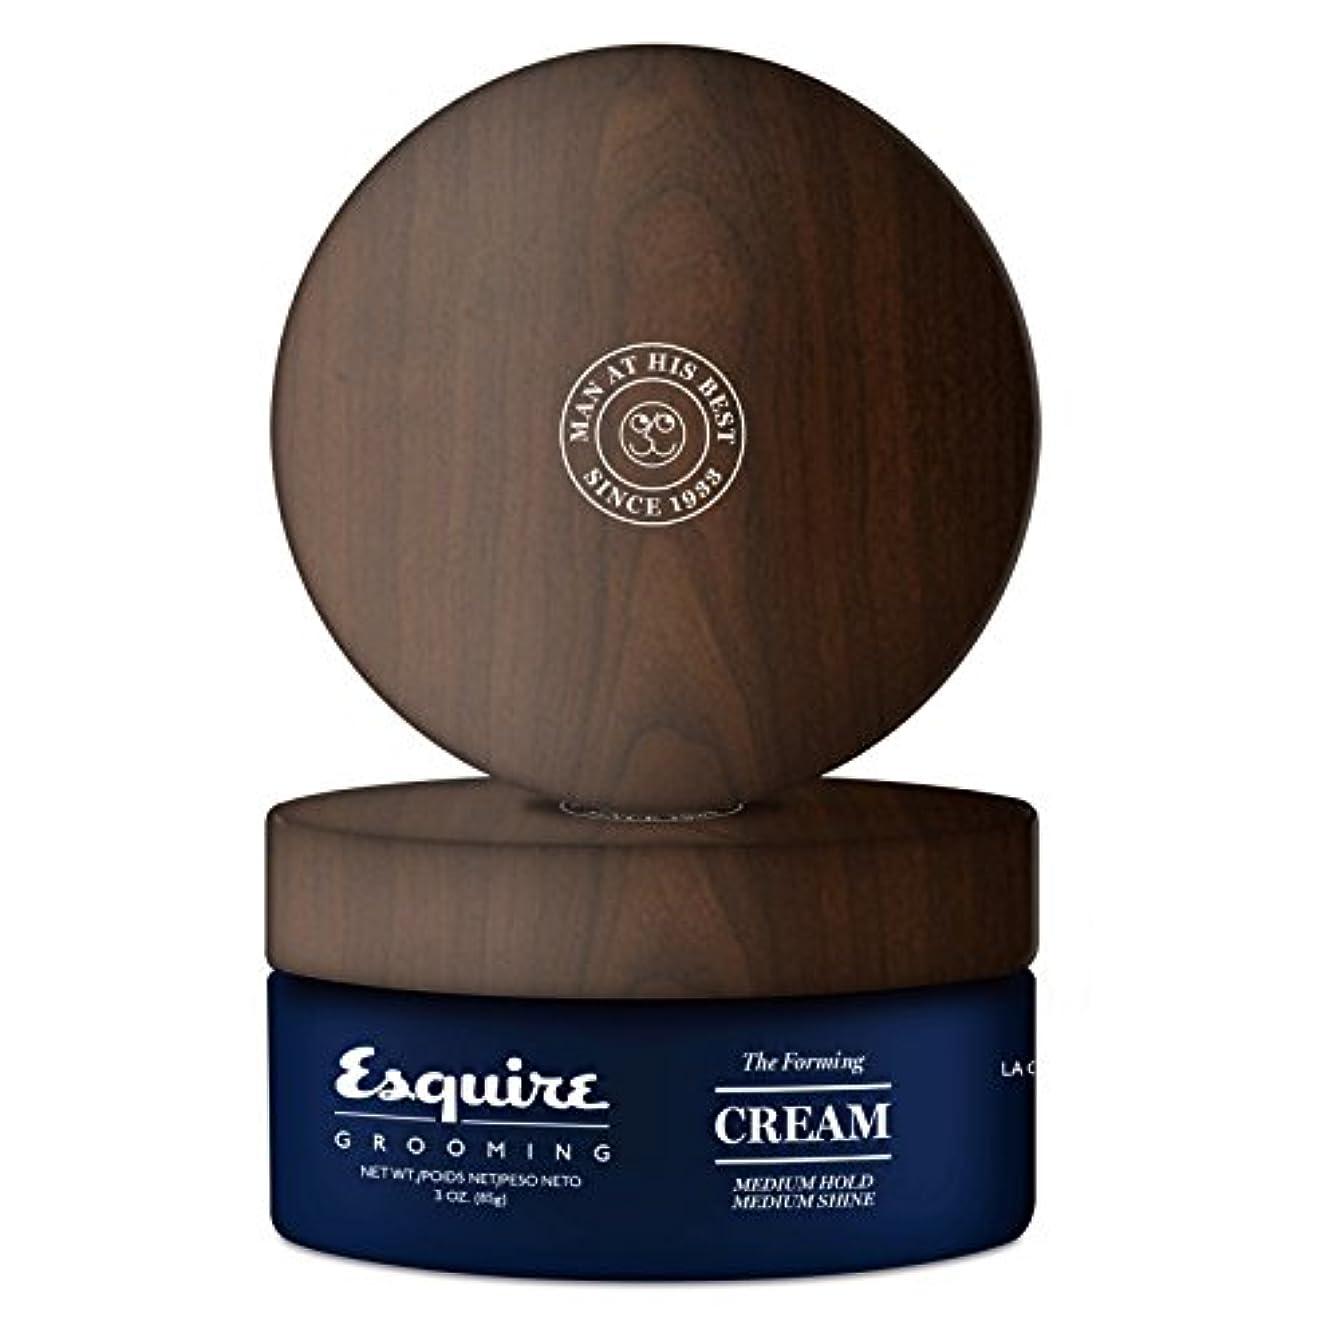 推測博物館敵対的CHI Esquire Grooming The Forming Cream (Medium Hold, Medium Shine) 85g/3oz並行輸入品